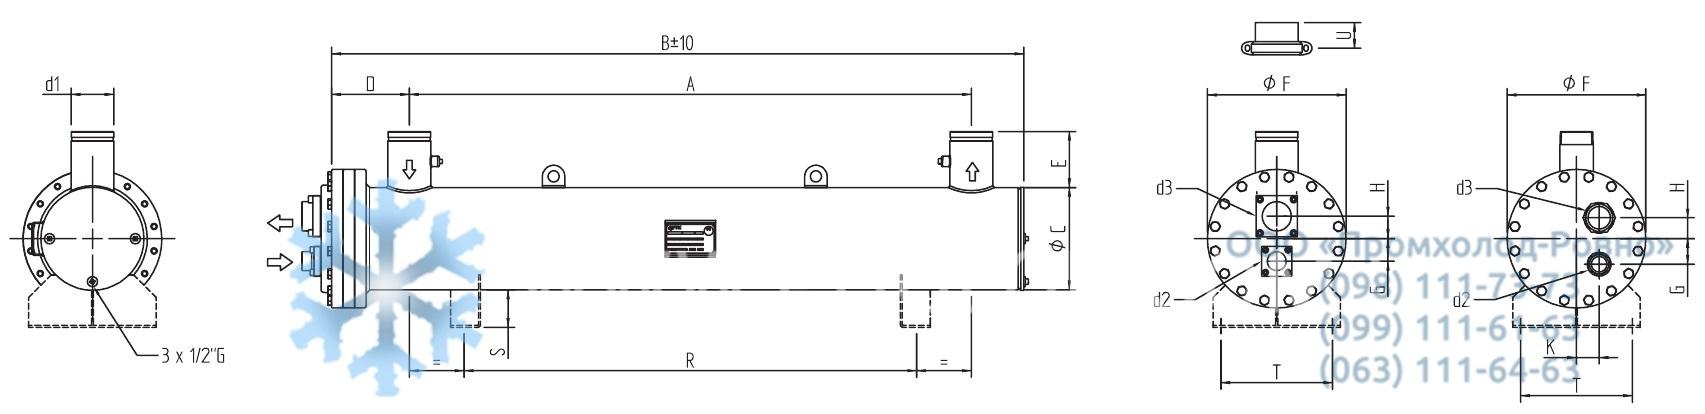 Кожухотрубный конденсатор WTK CF 120 Артём Кожухотрубный маслоохладитель ONDA Oil 220 Пушкино